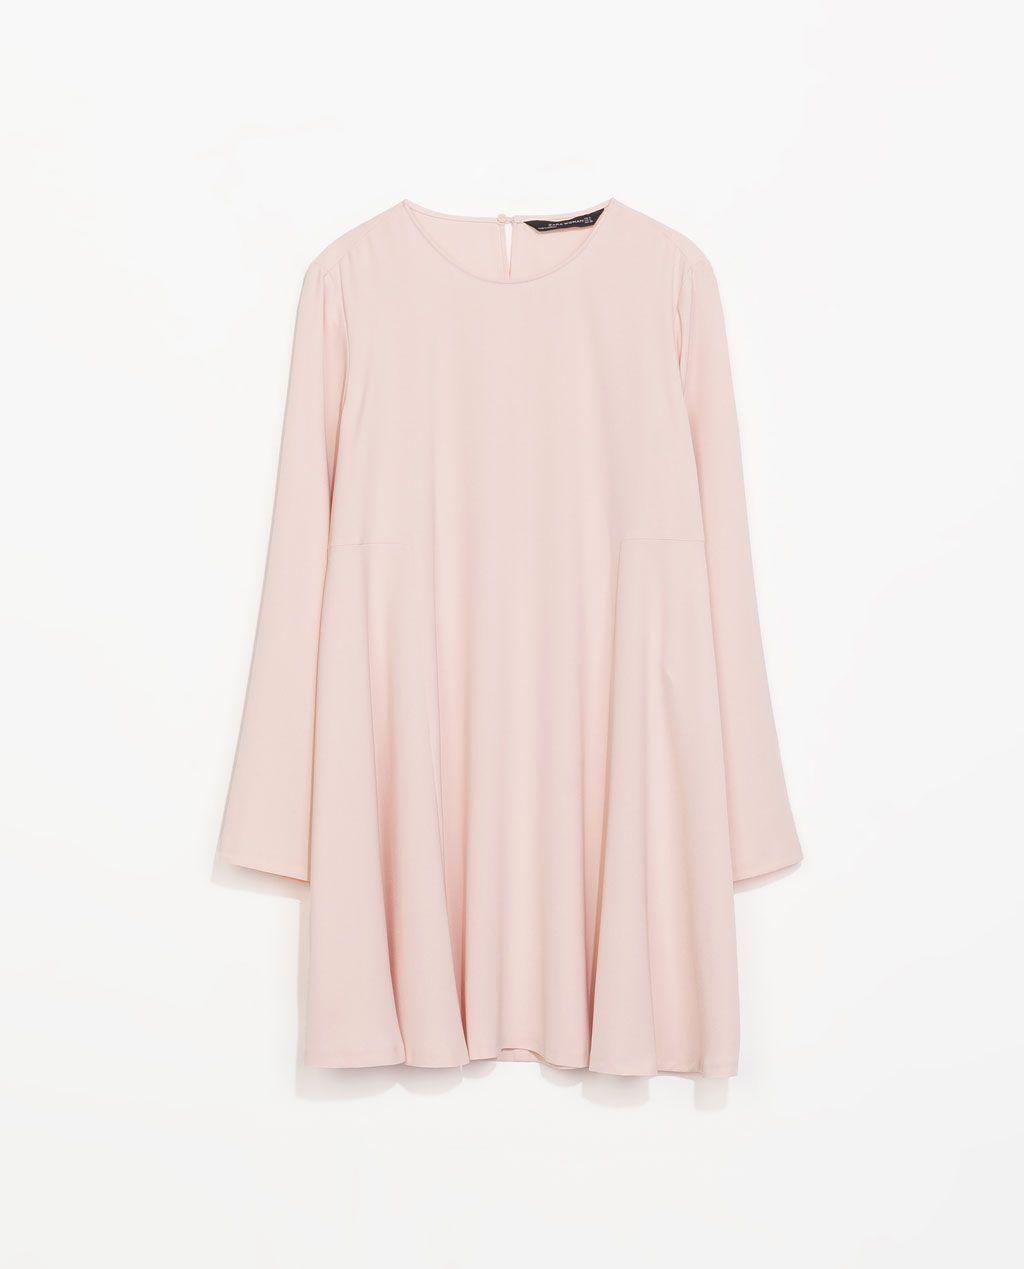 Pin Von Shannon Kirstie Auf S T Y L E Babydoll Kleid Kleid Altrosa Kleider Fur Frauen